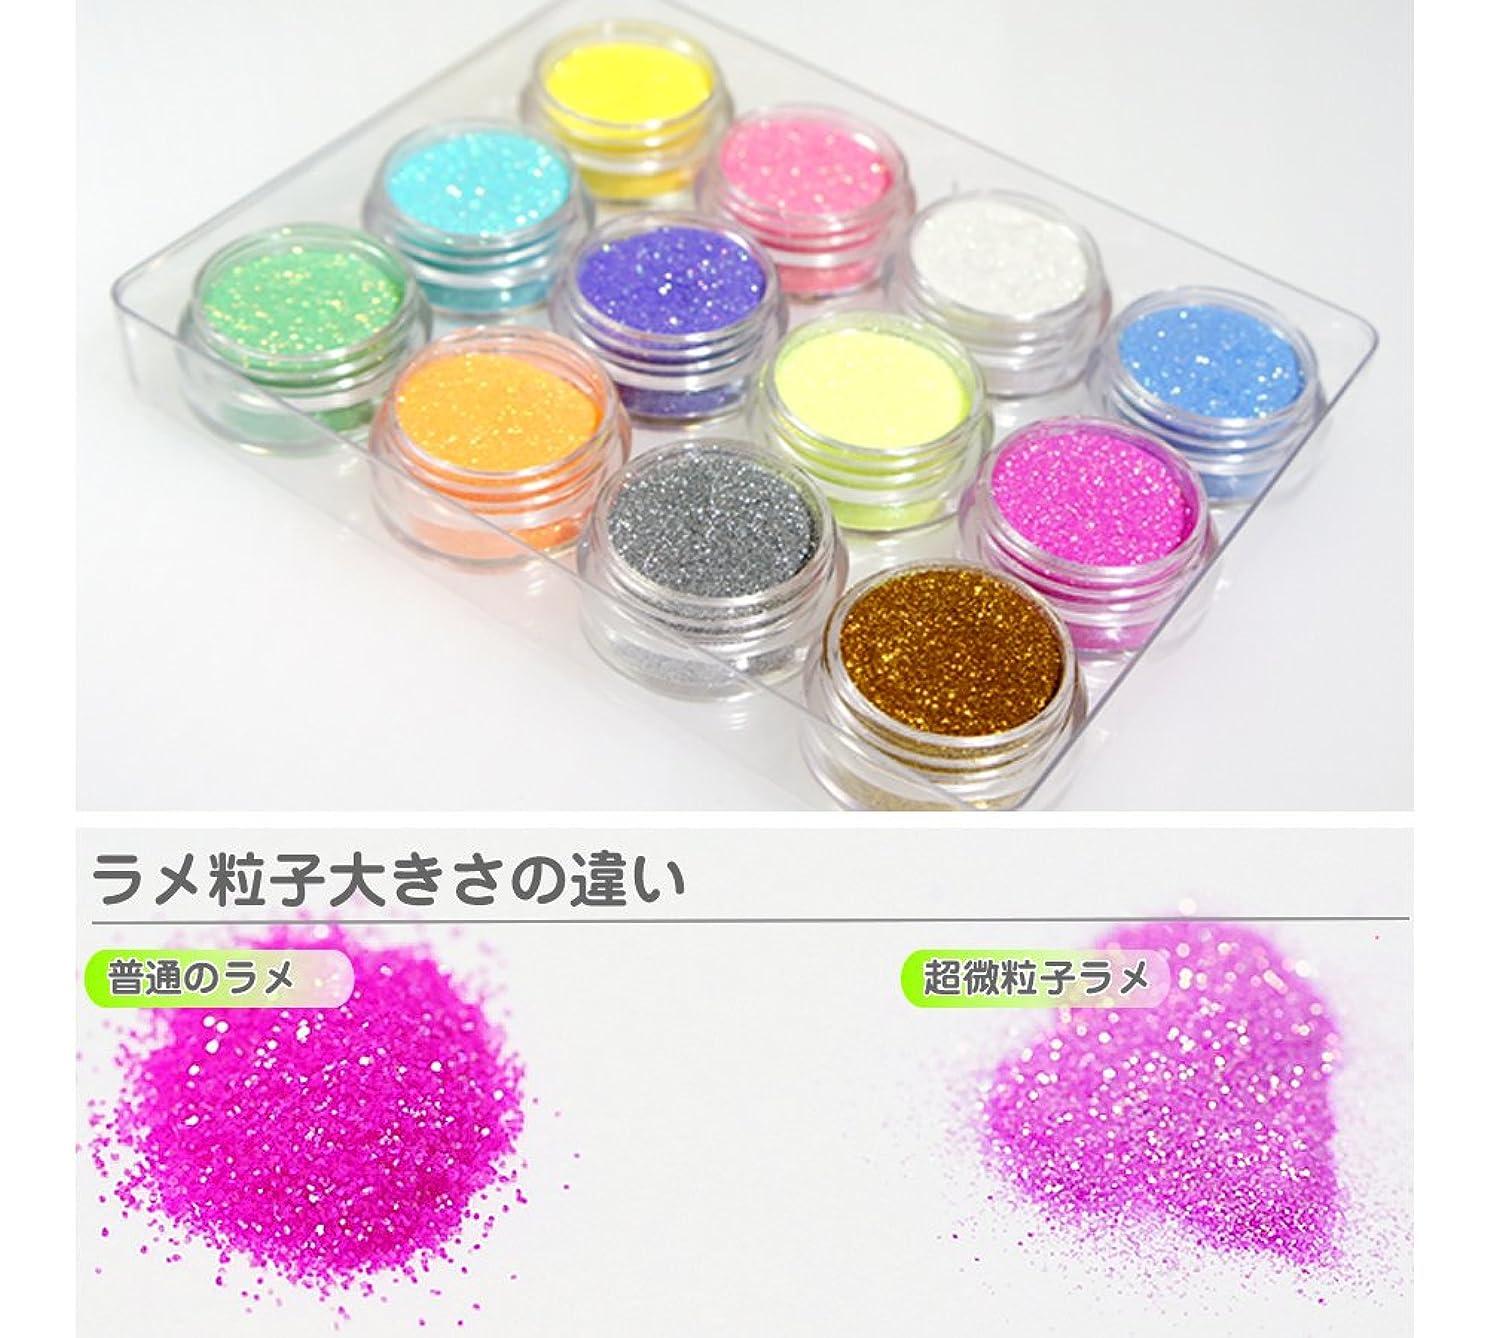 余剰マインドフル吸収剤ネオコレクションオリジナル☆超微粒子ラメパウダー0.1mm、砂のようにサラサラで抜群の発色 ジェルネイルアートに!